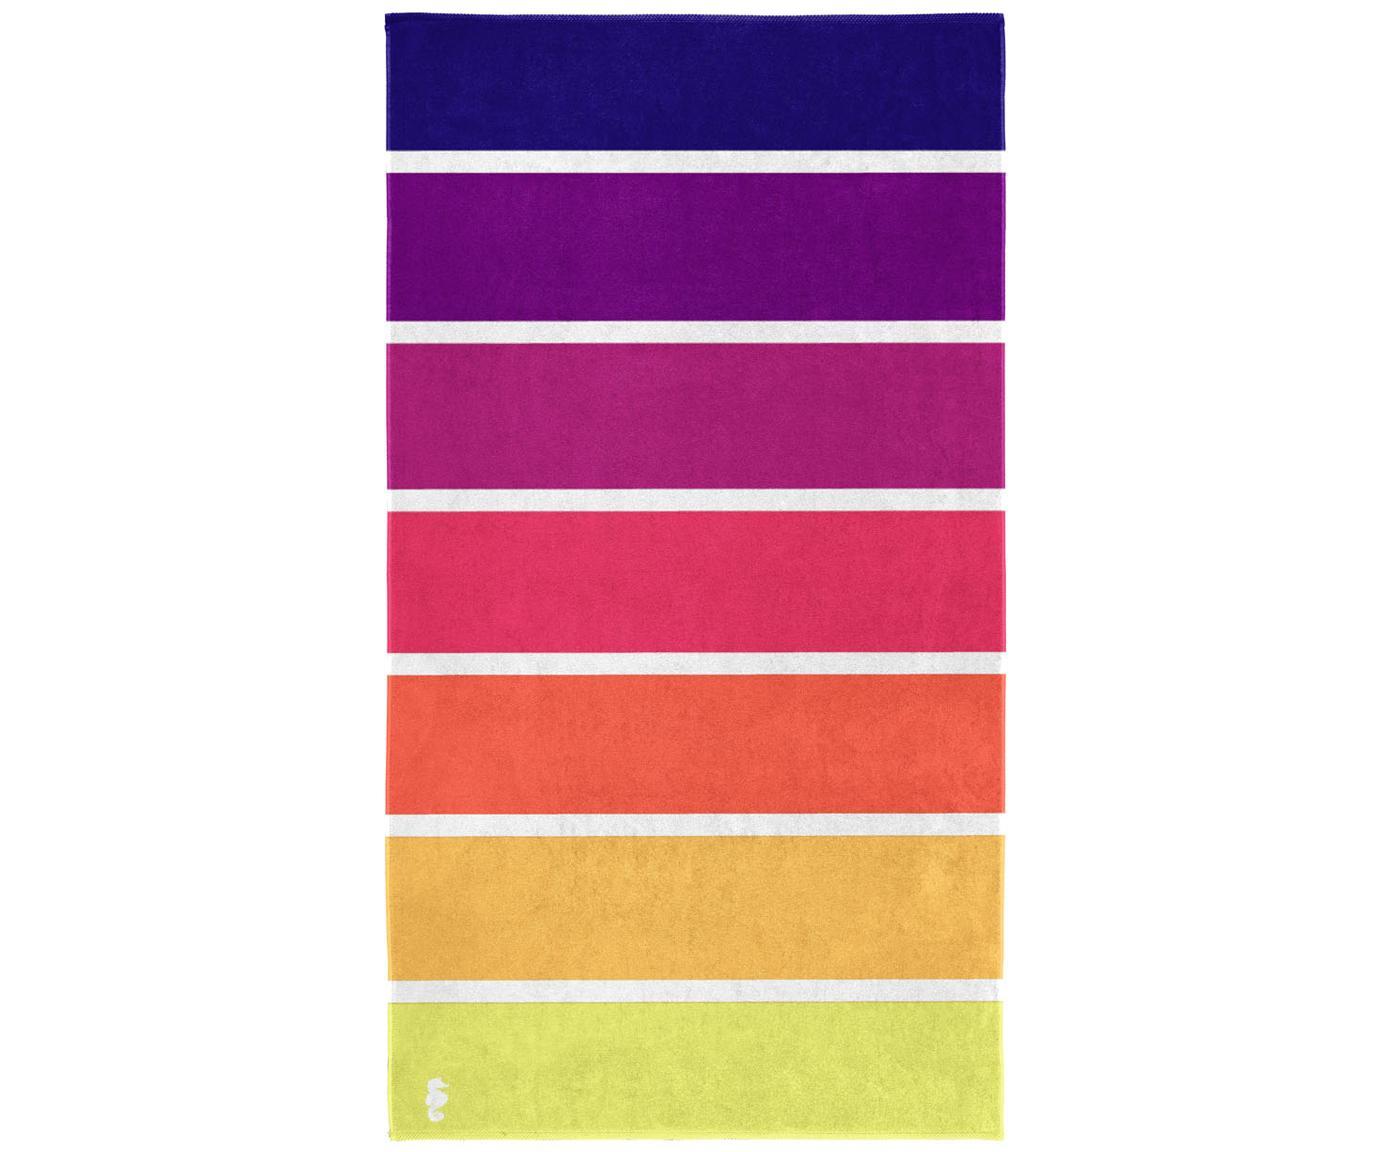 Telo mare a righe Marbella, Cotone, Giallo, arancione, rosa, lilla, viola, Larg. 100 x Lung. 180 cm